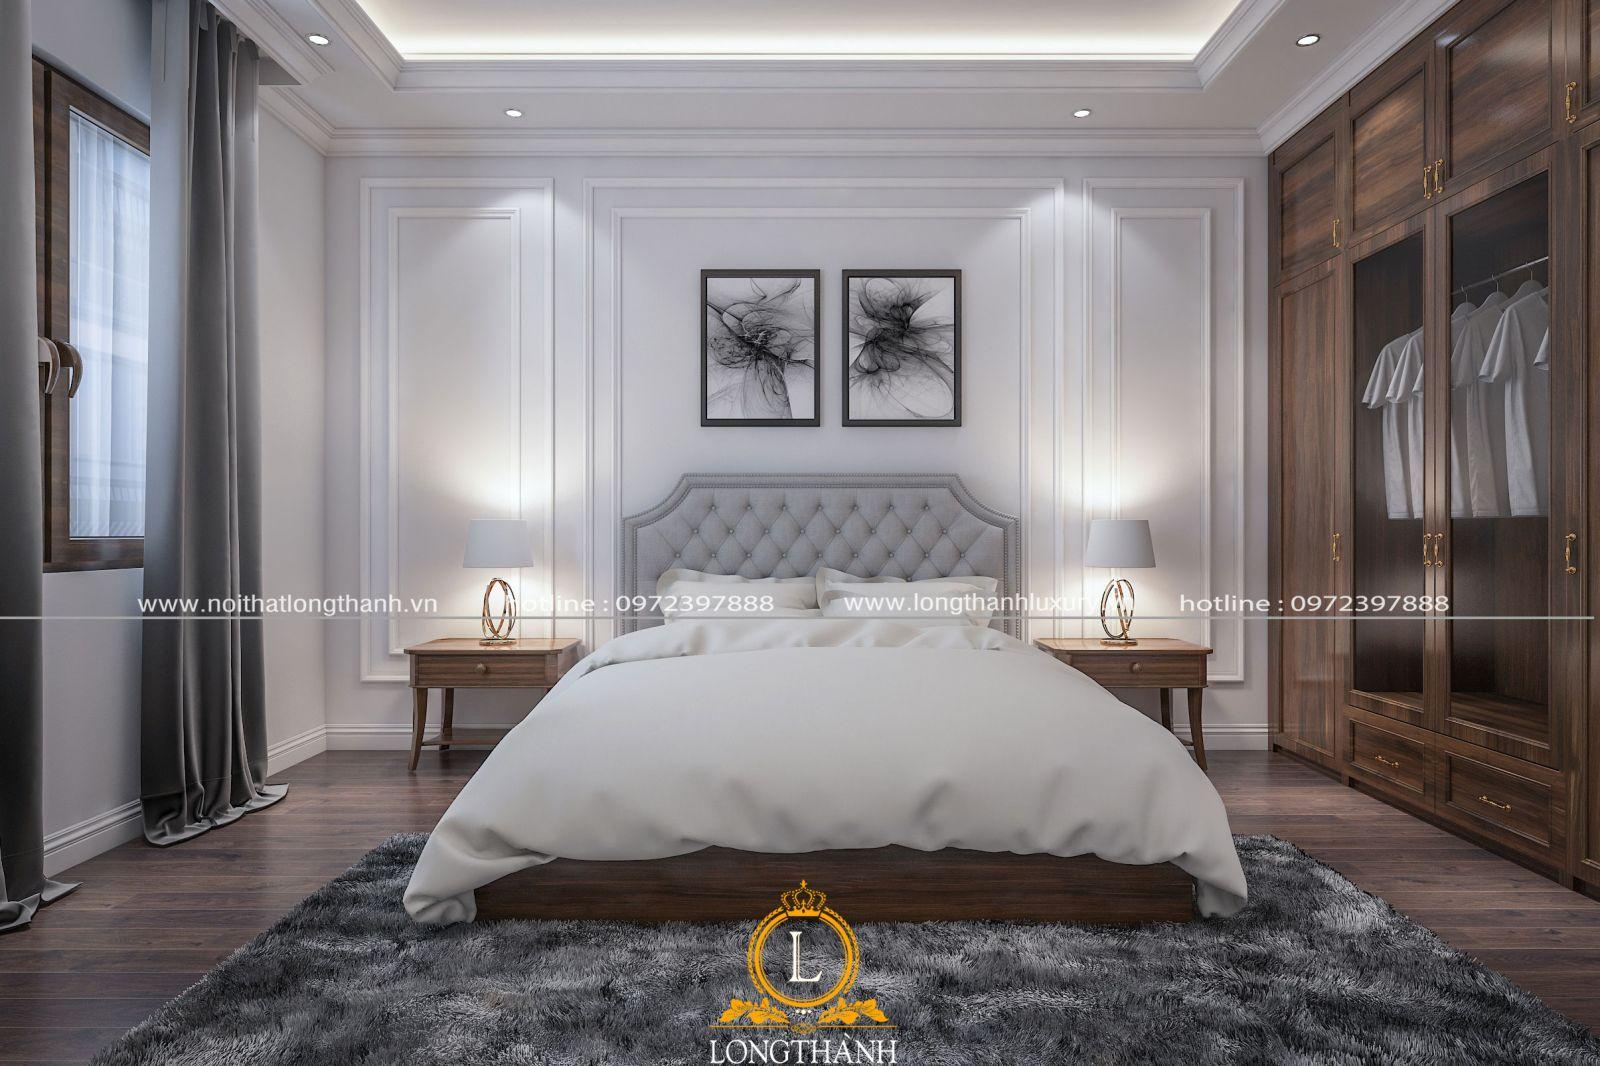 Mẫu giường ngủ hiện đại đơn giản được bọc da ở lưng gường